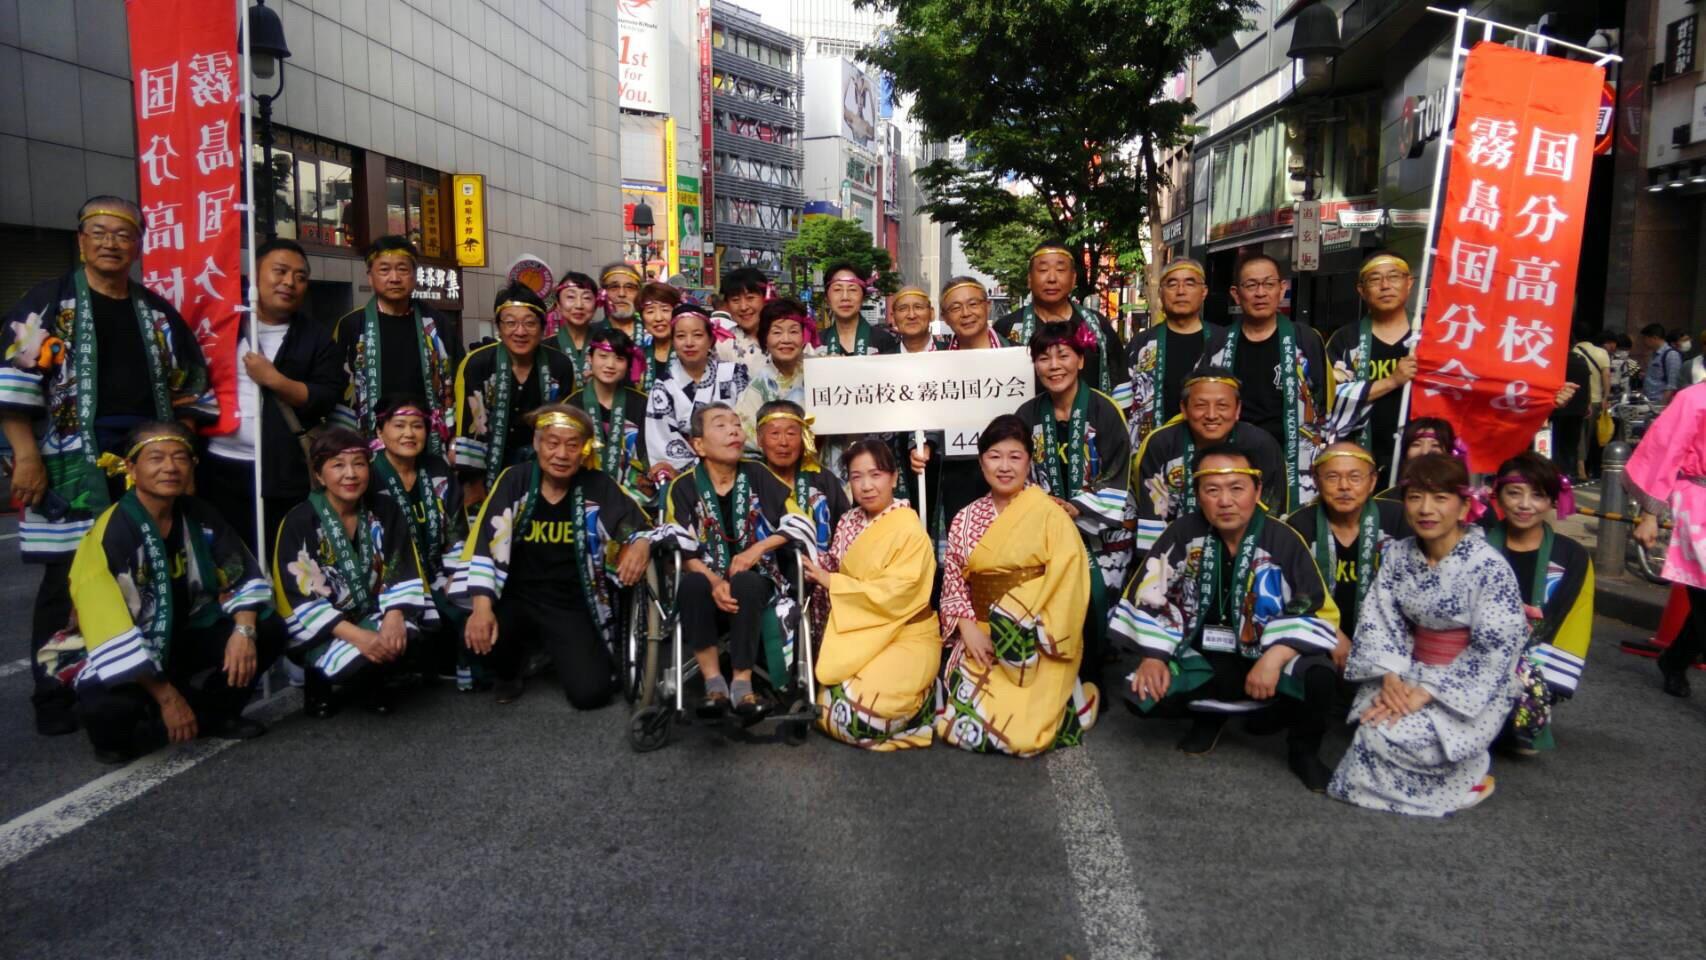 令和を祝う「渋谷おはら祭り」